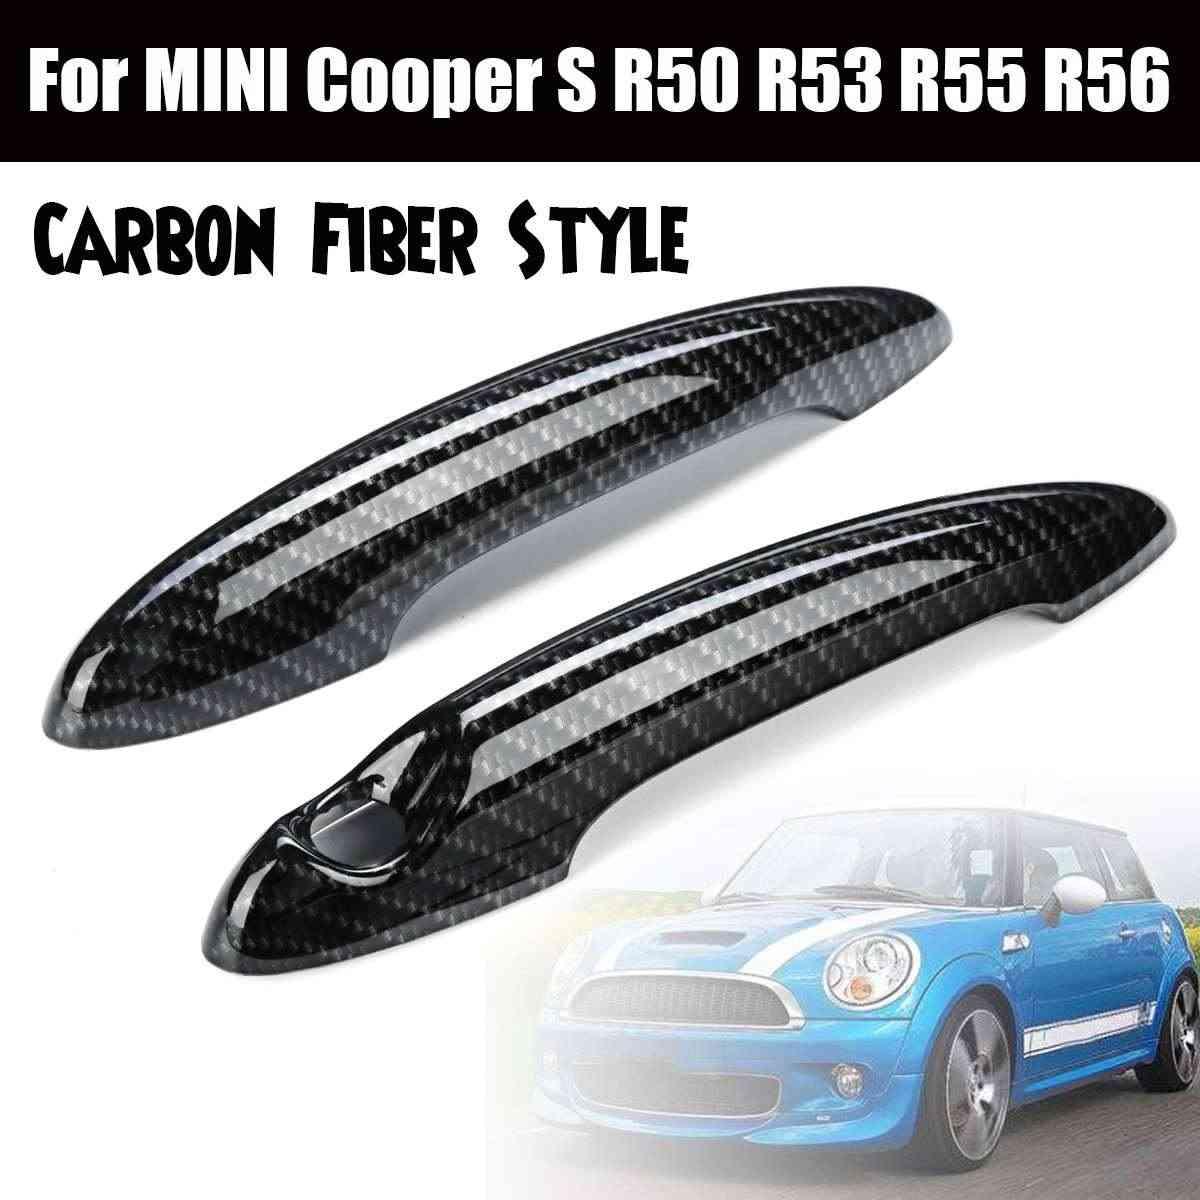 2 قطعة سيارة التصميم الباب الخارجي غطاء مقبض تريم ABS يناسب ل BMW ل ميني كوبر R50 R53 R56 R55 السيارات الأجزاء الخارجية